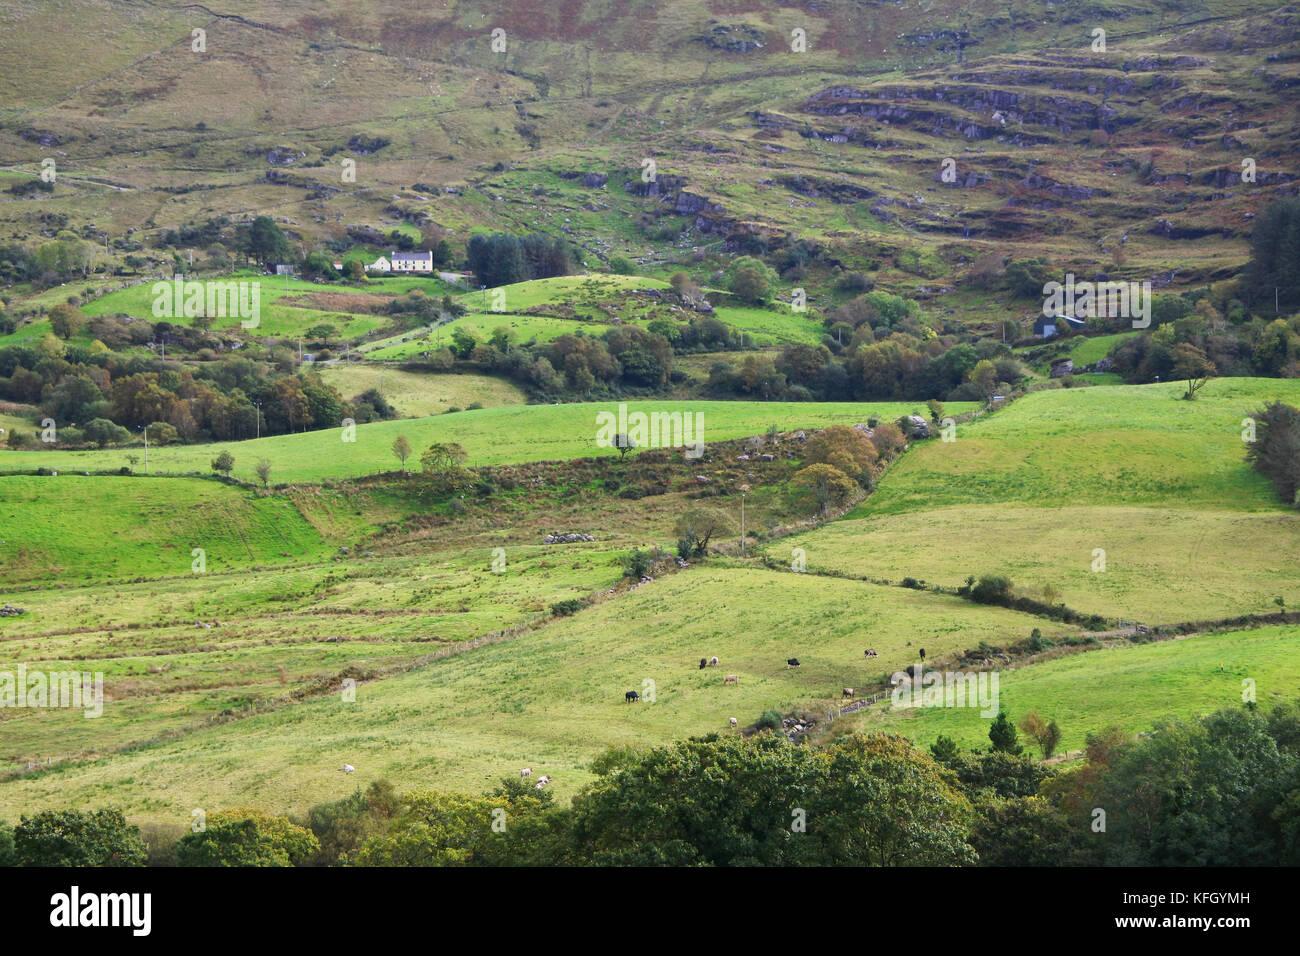 Landscape near Bonane, Kenmare, County Kerry, Ireland - John Gollop - Stock Image